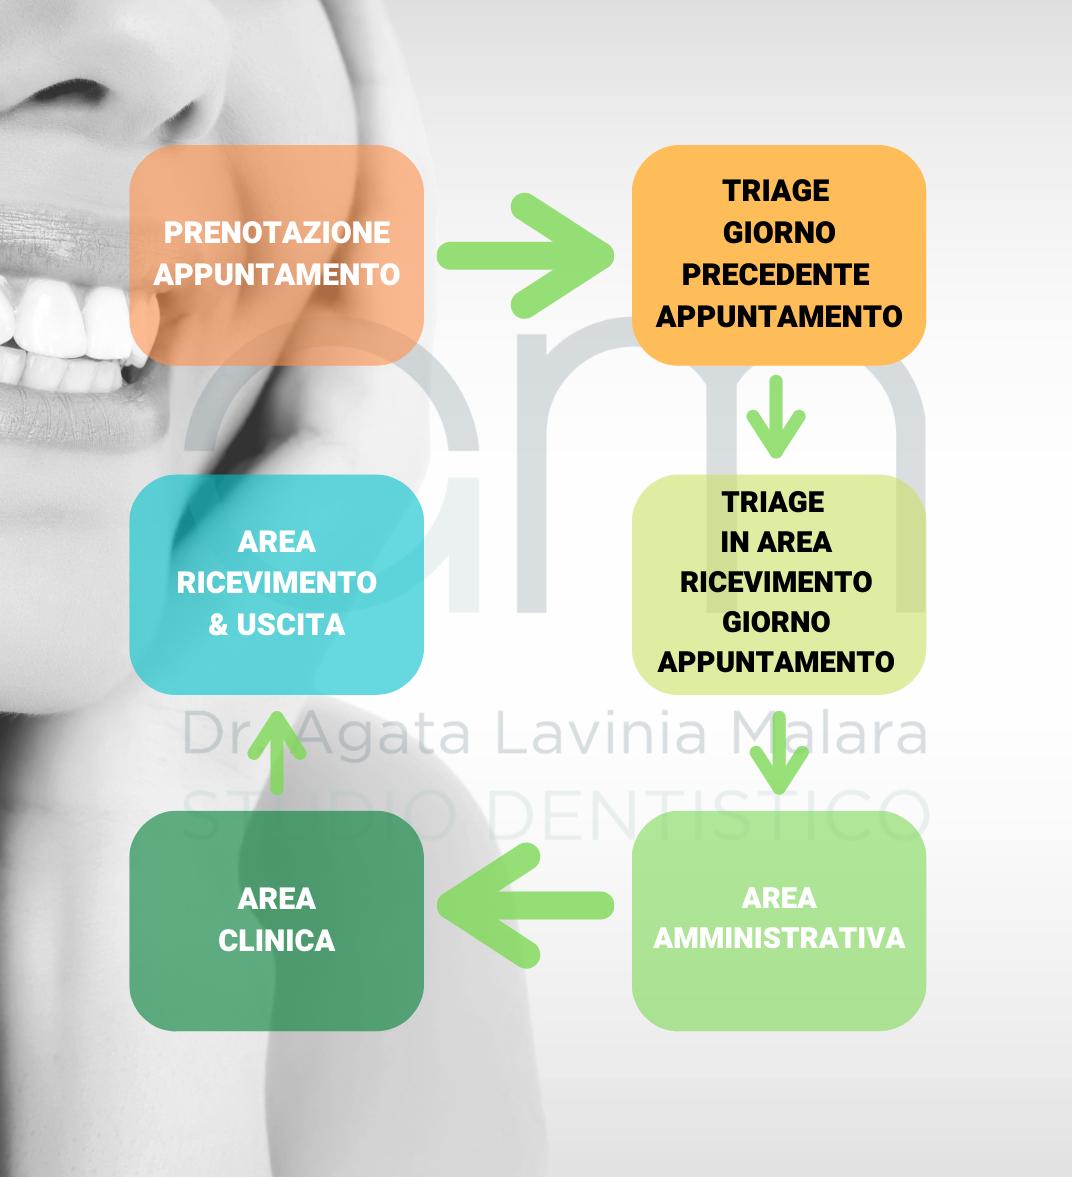 Studio dentistico Malara - Triage Covid